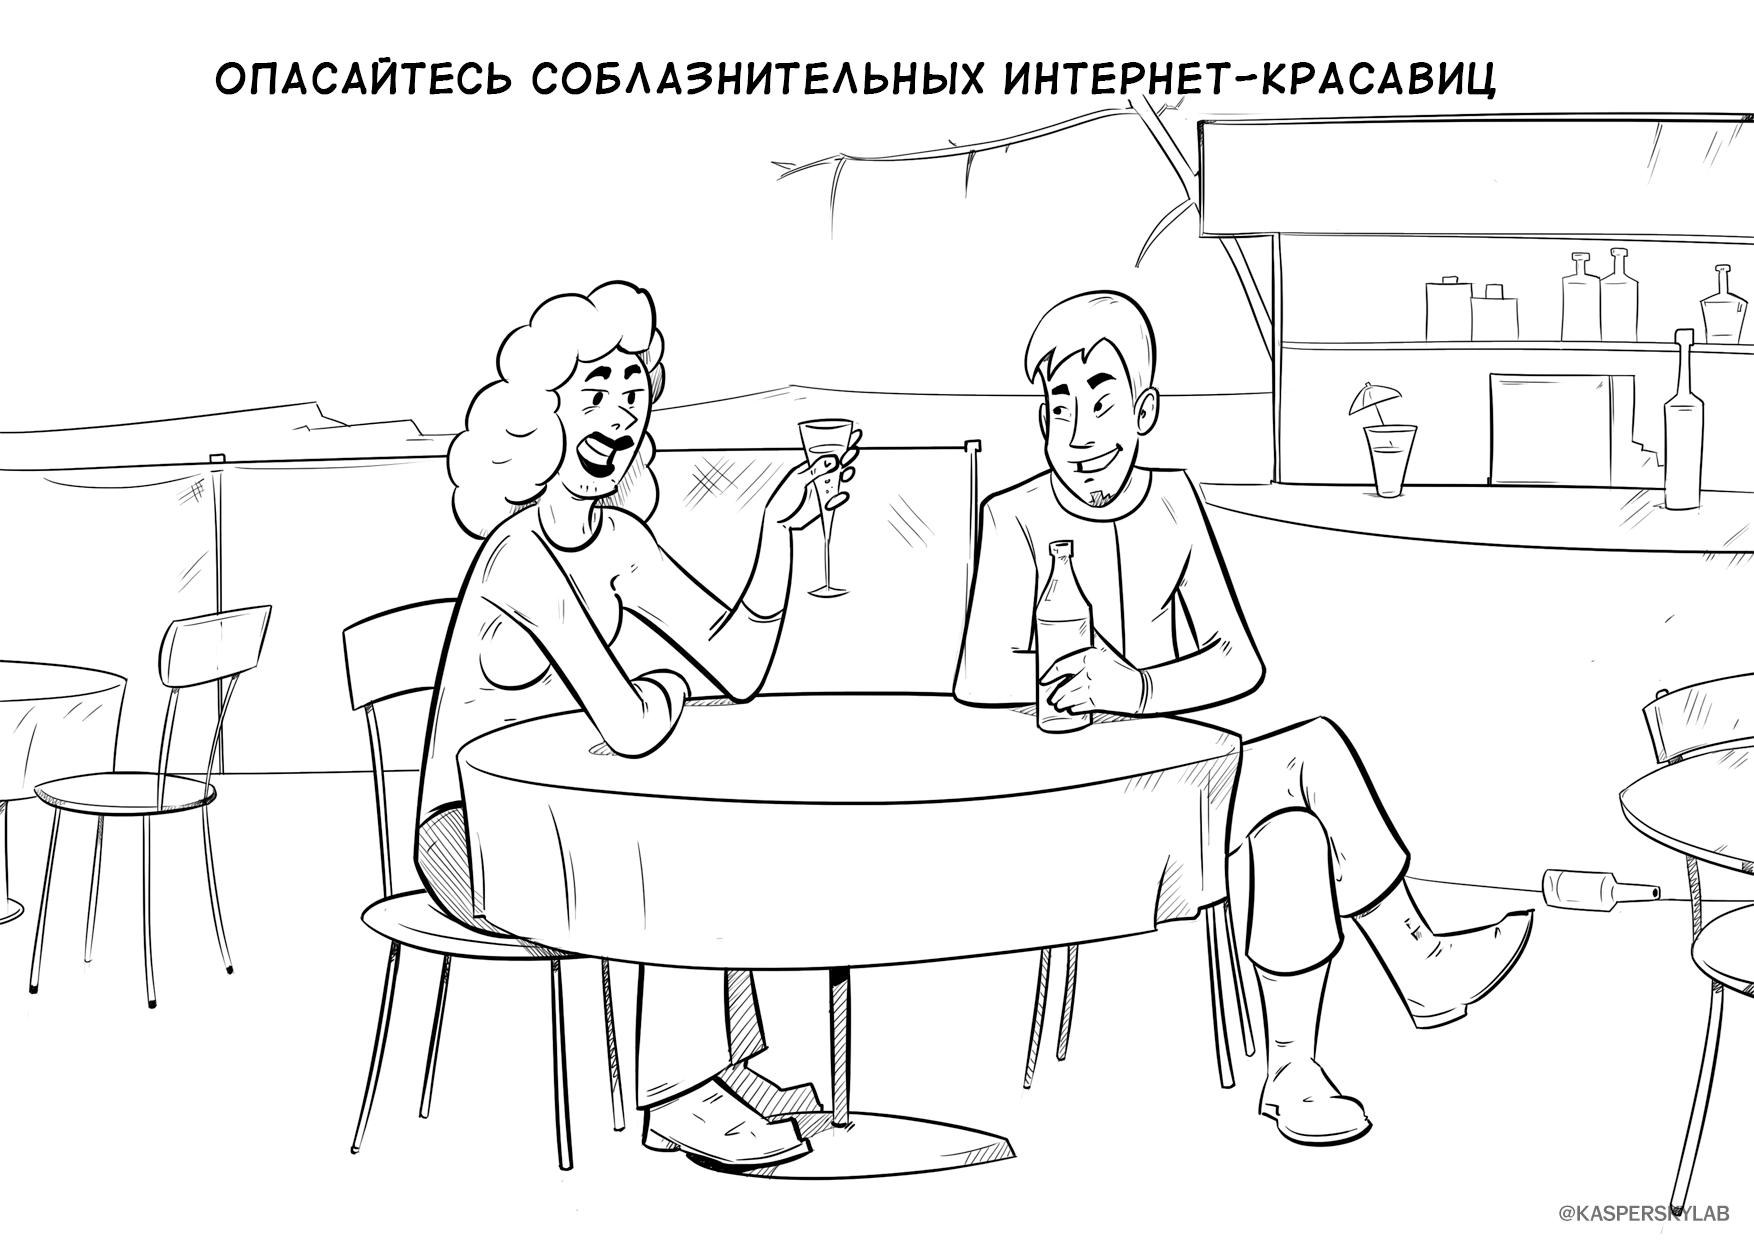 Справочник по выживанию в кибермире: интернет-красавицы